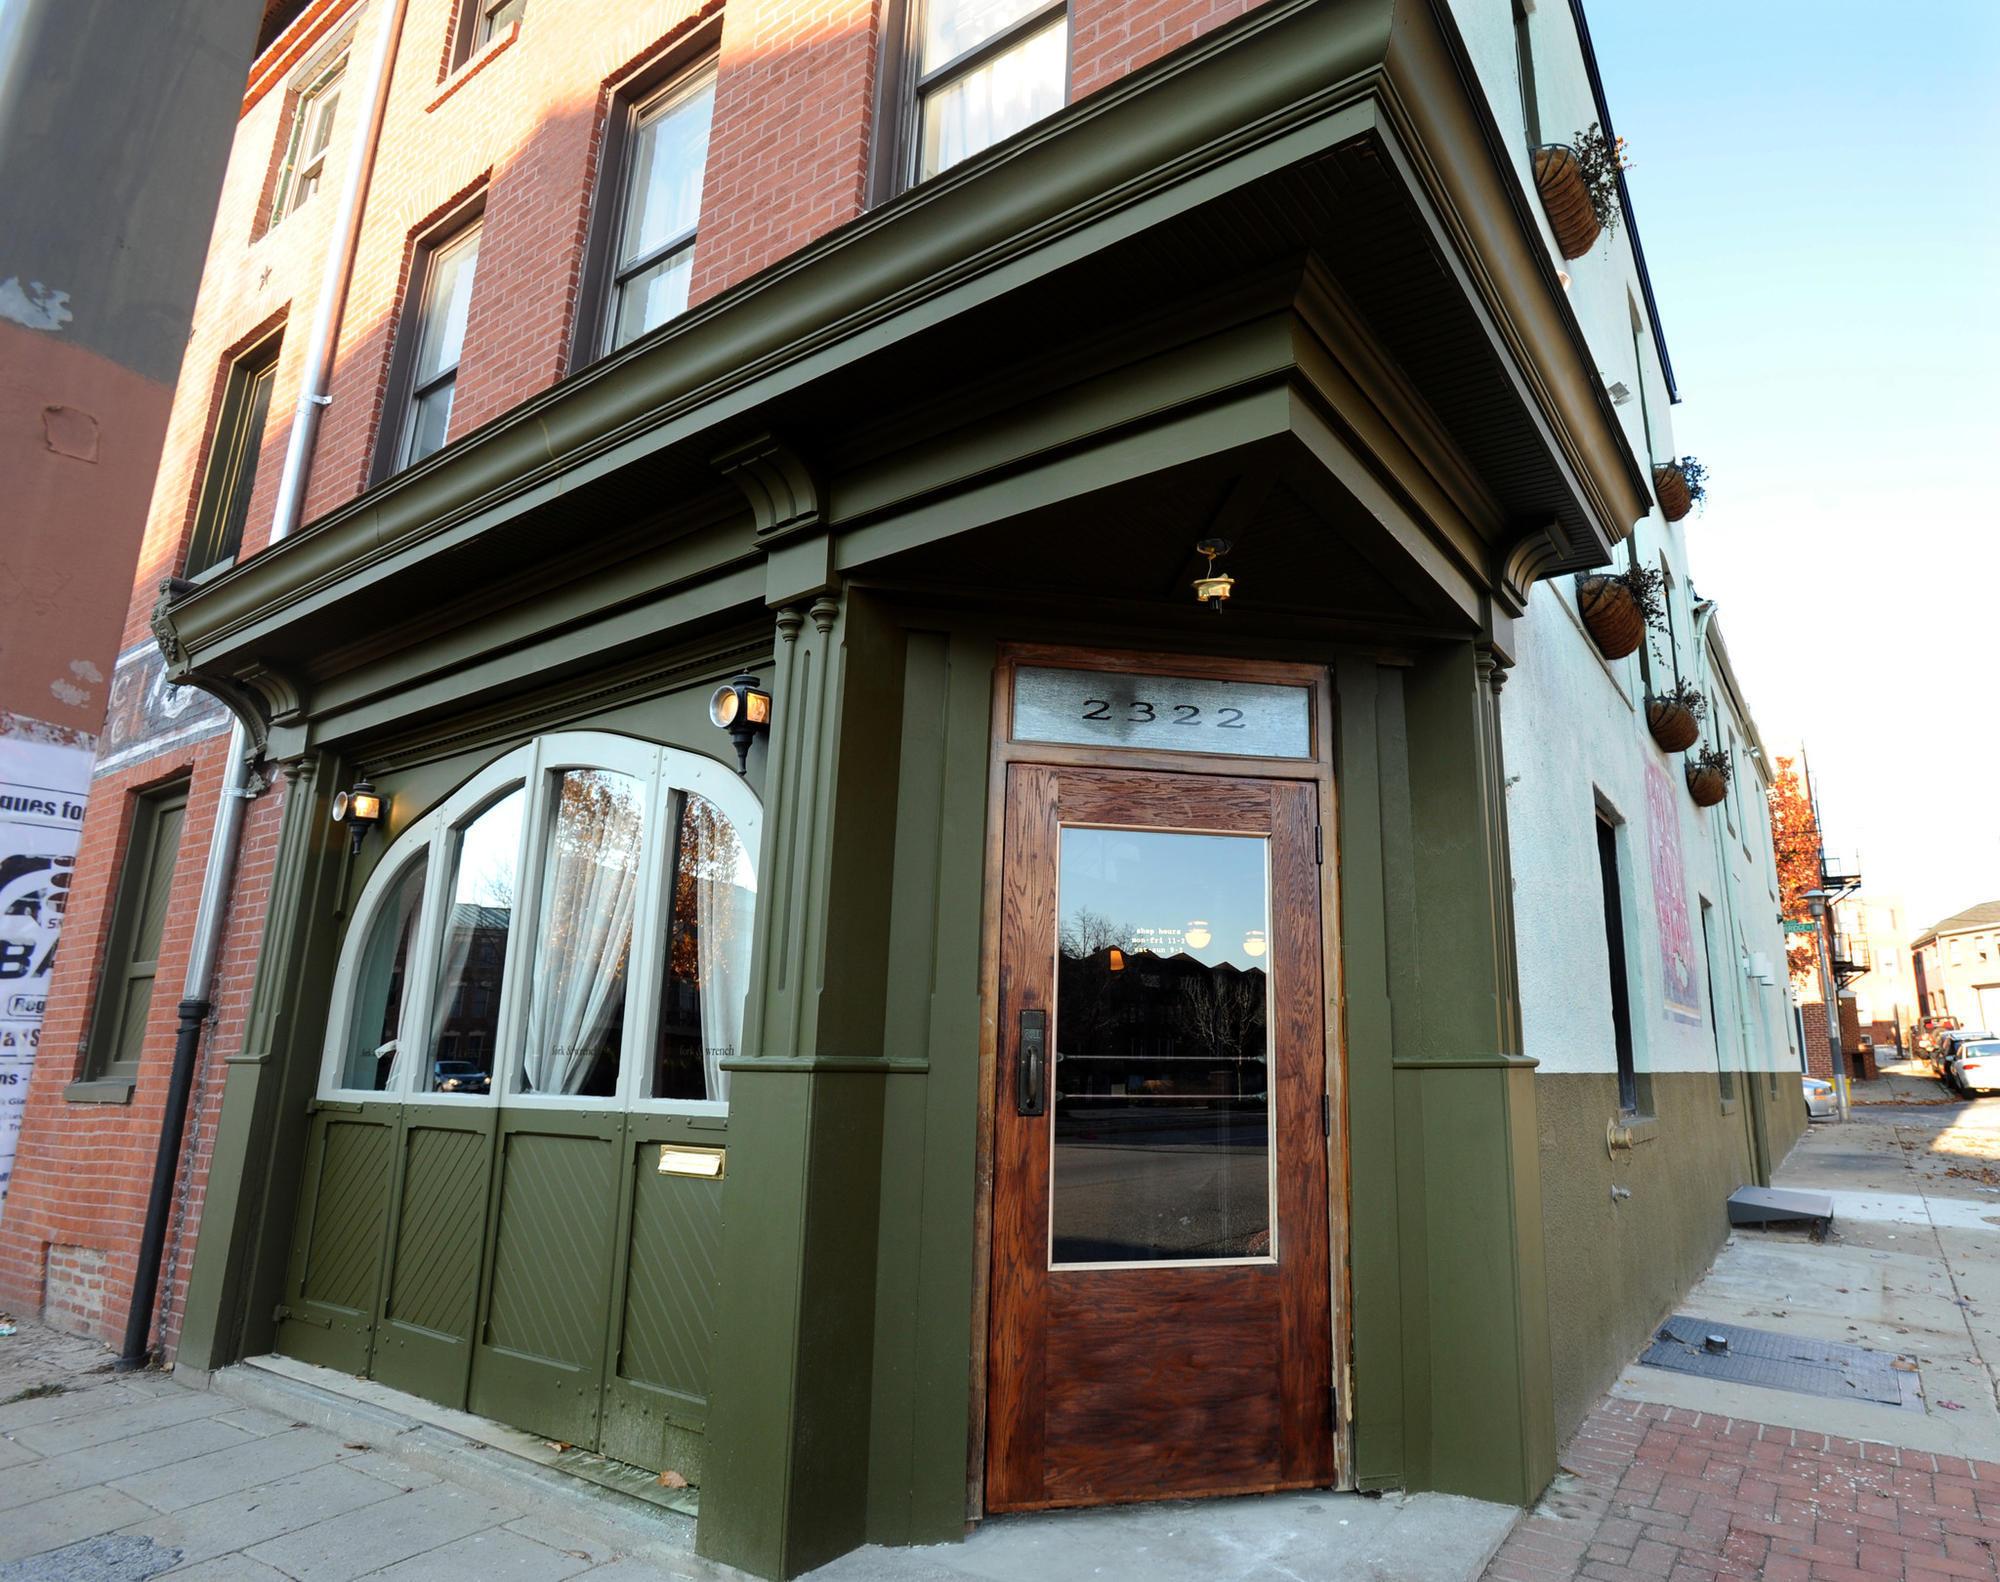 Baltimore Restaurant Closures Continue As Suburbanites Dine